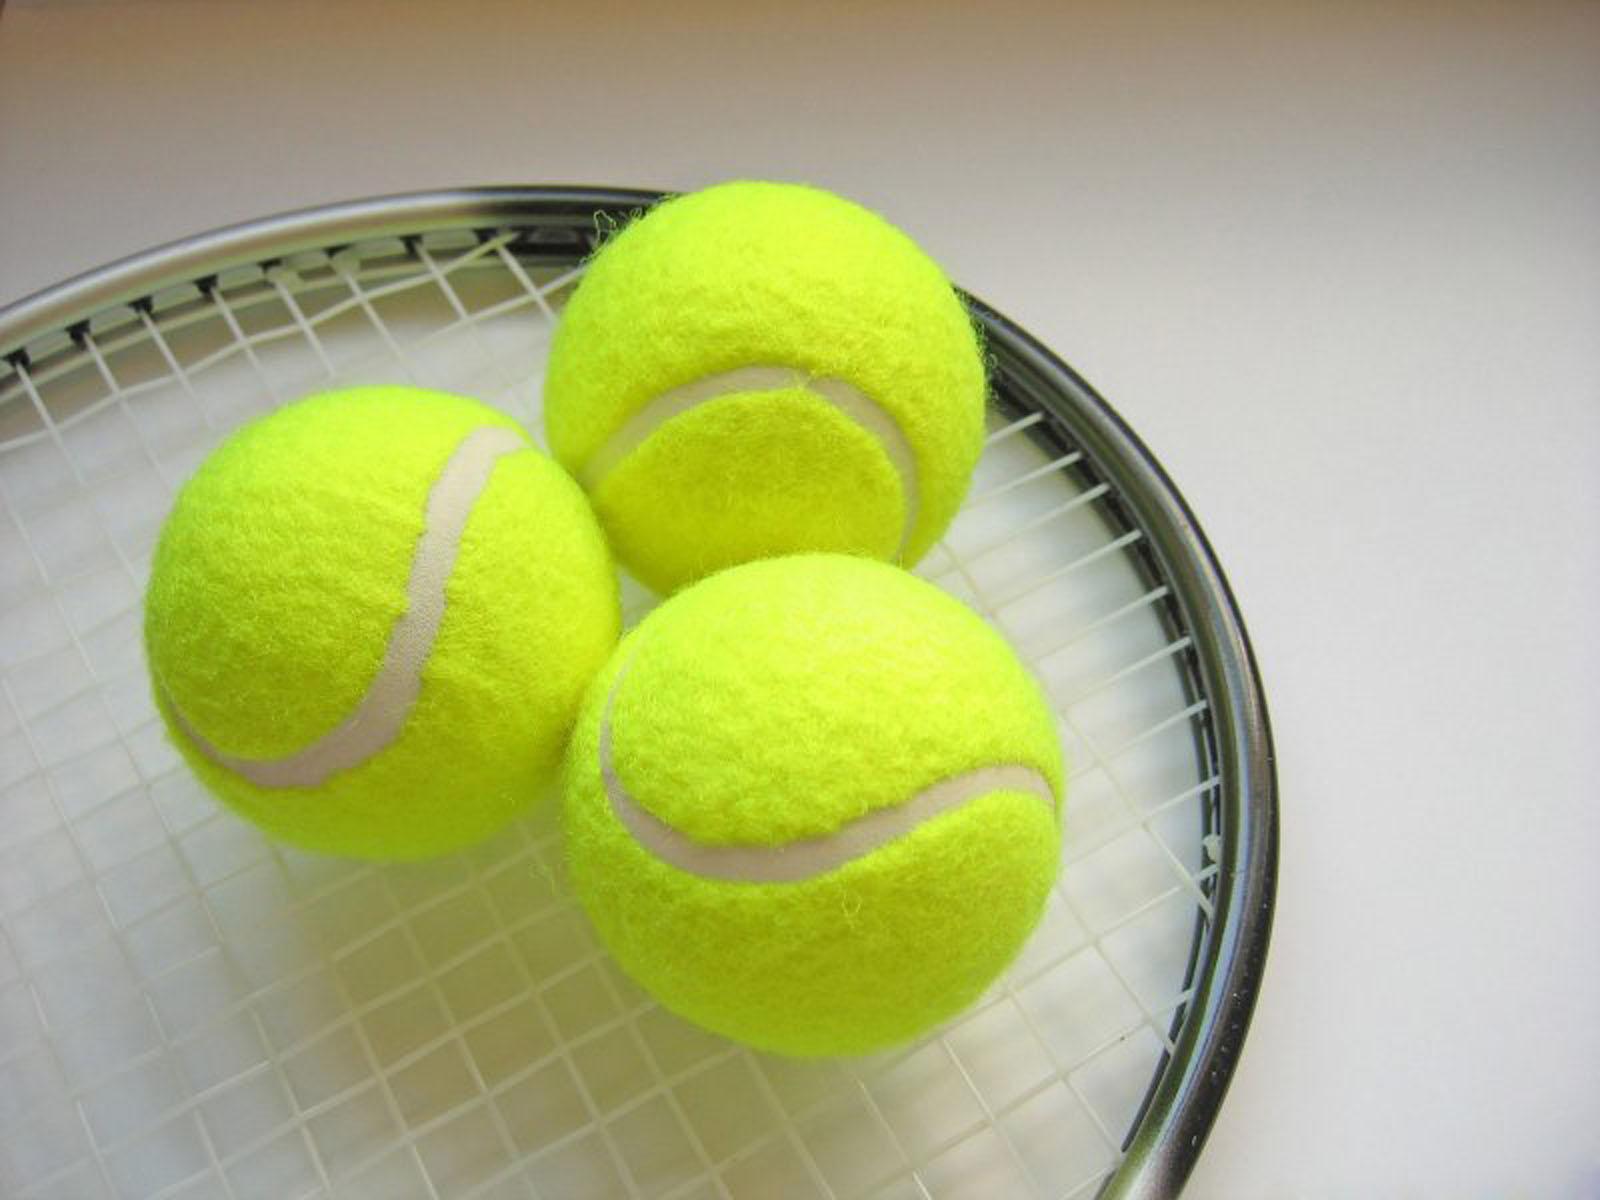 Sport Wallpaper Tennis: TENNIS WALLPAPERS